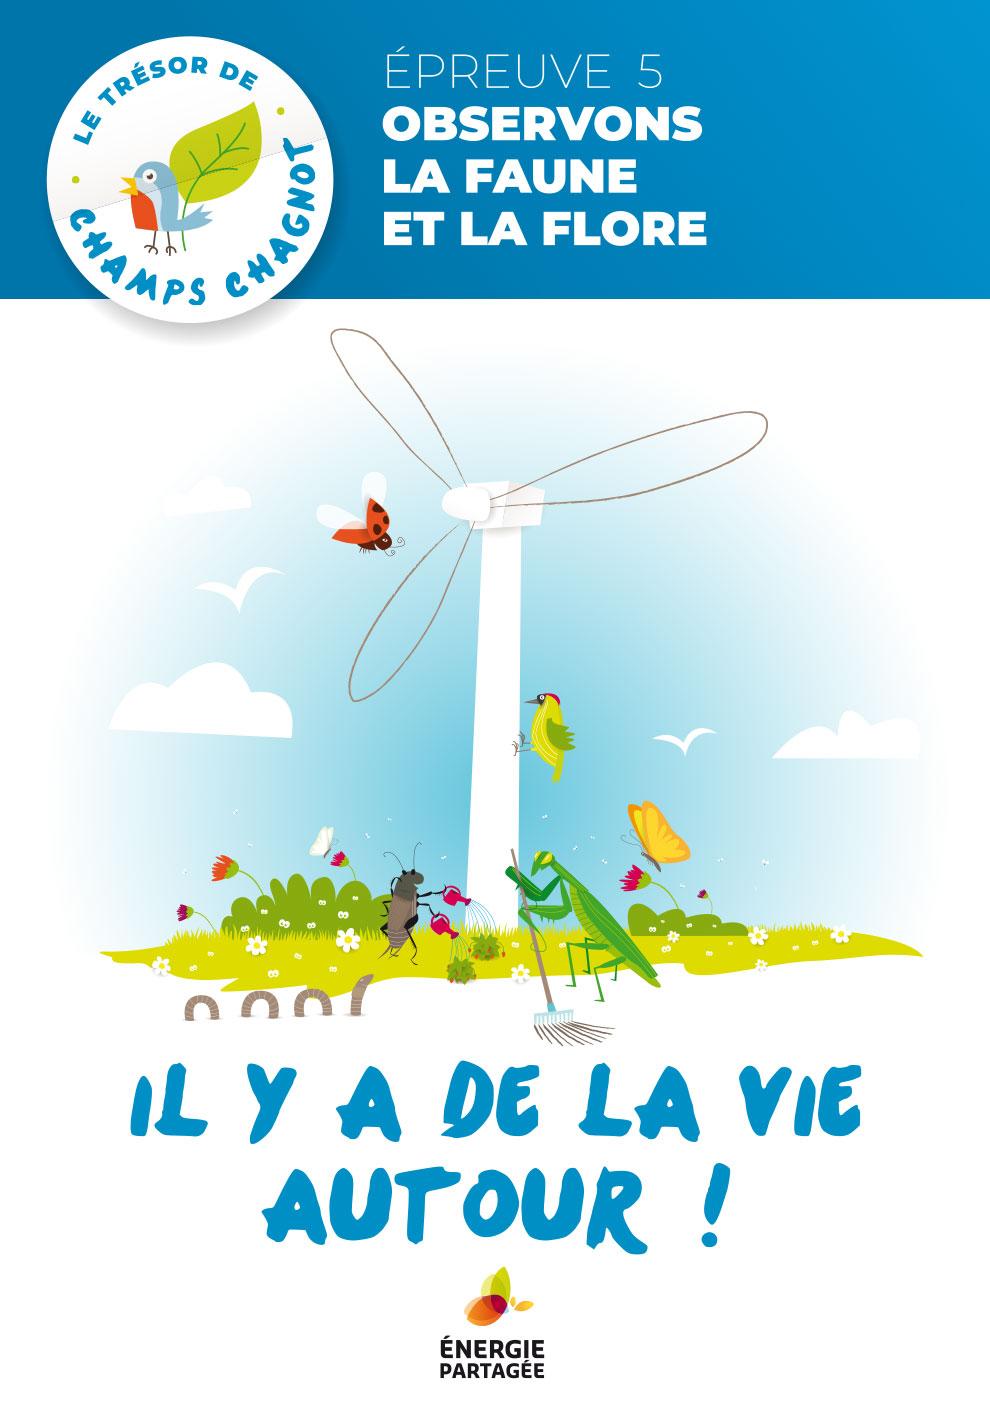 Trésor du projet éolien - Il y a de la vie autour